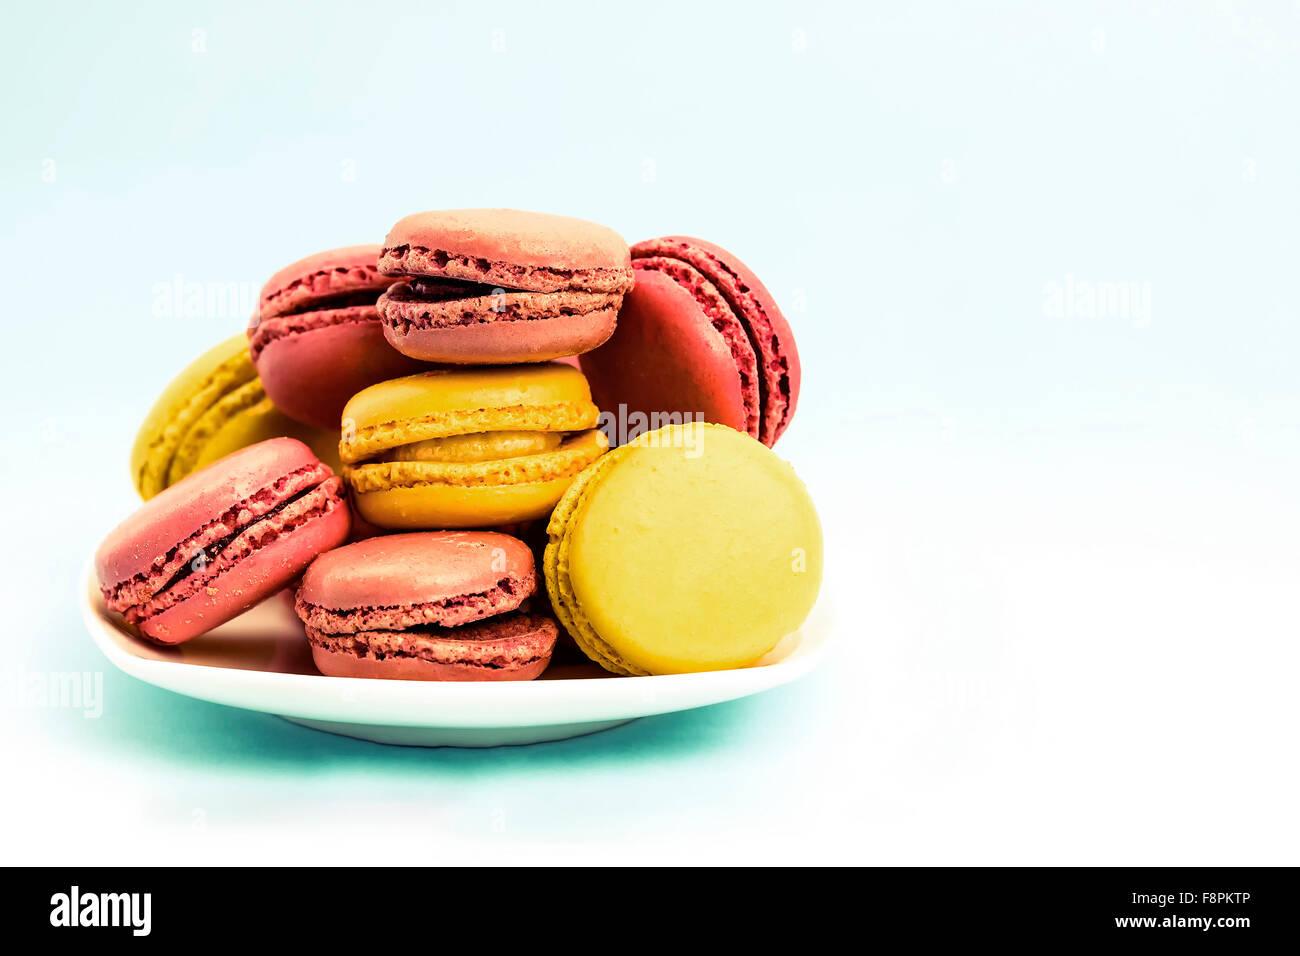 Assiette de macarons français sur retro-vintage background Photo Stock